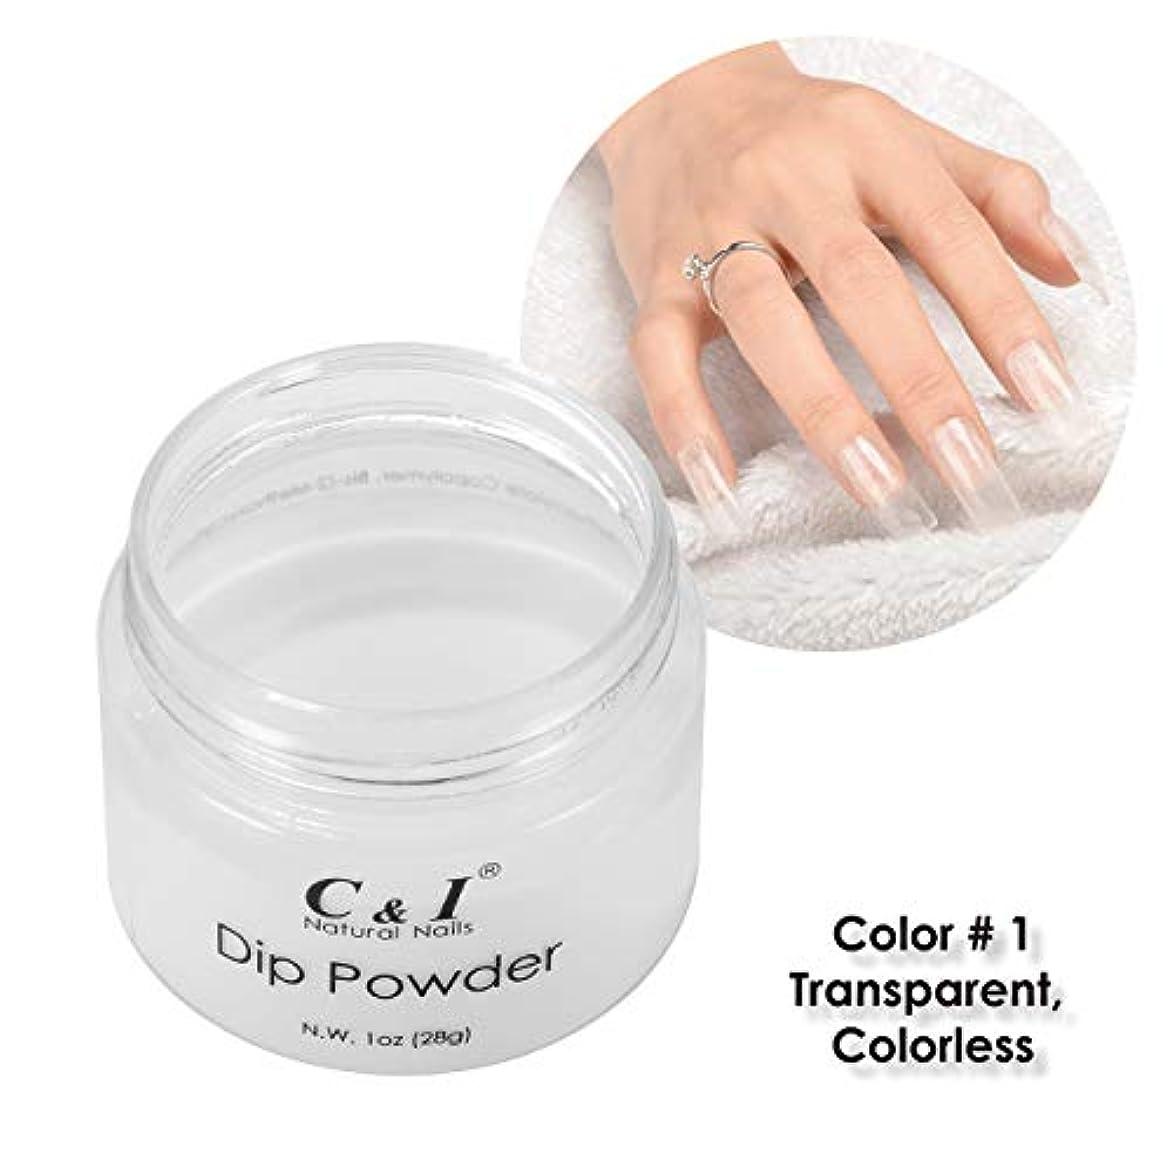 引き算おじいちゃん指紋C & I Dip Powder ネイルディップパウダー、ネイルカラーパウダー、カラーNo.1